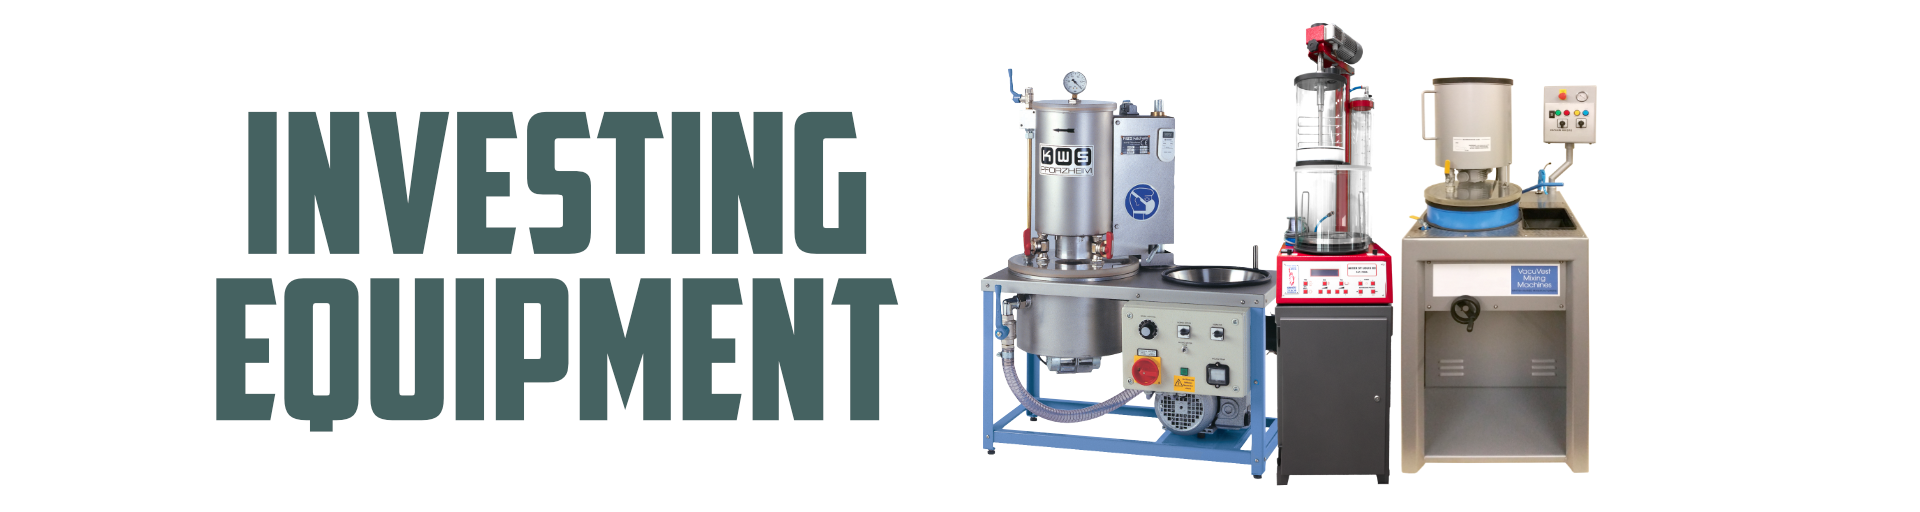 Investing Equipment